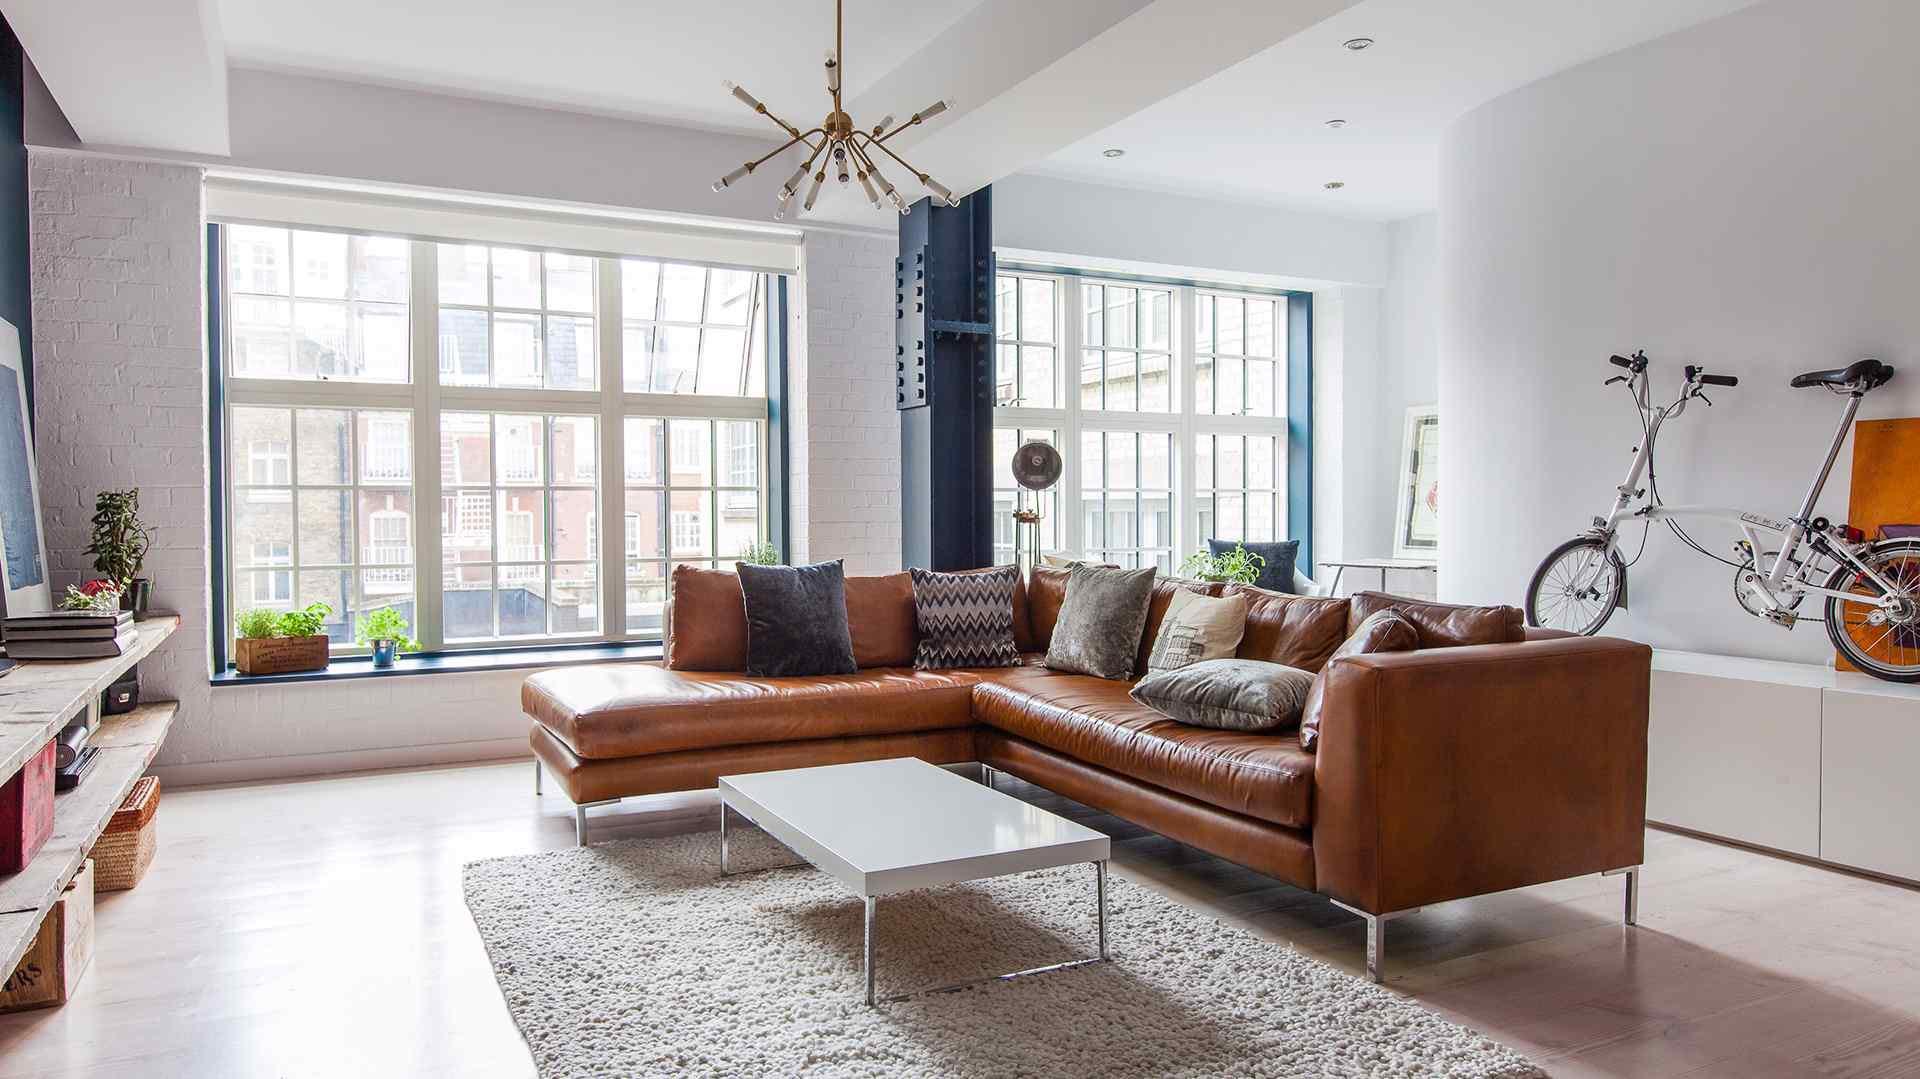 Sustainable Interior Design Ideas